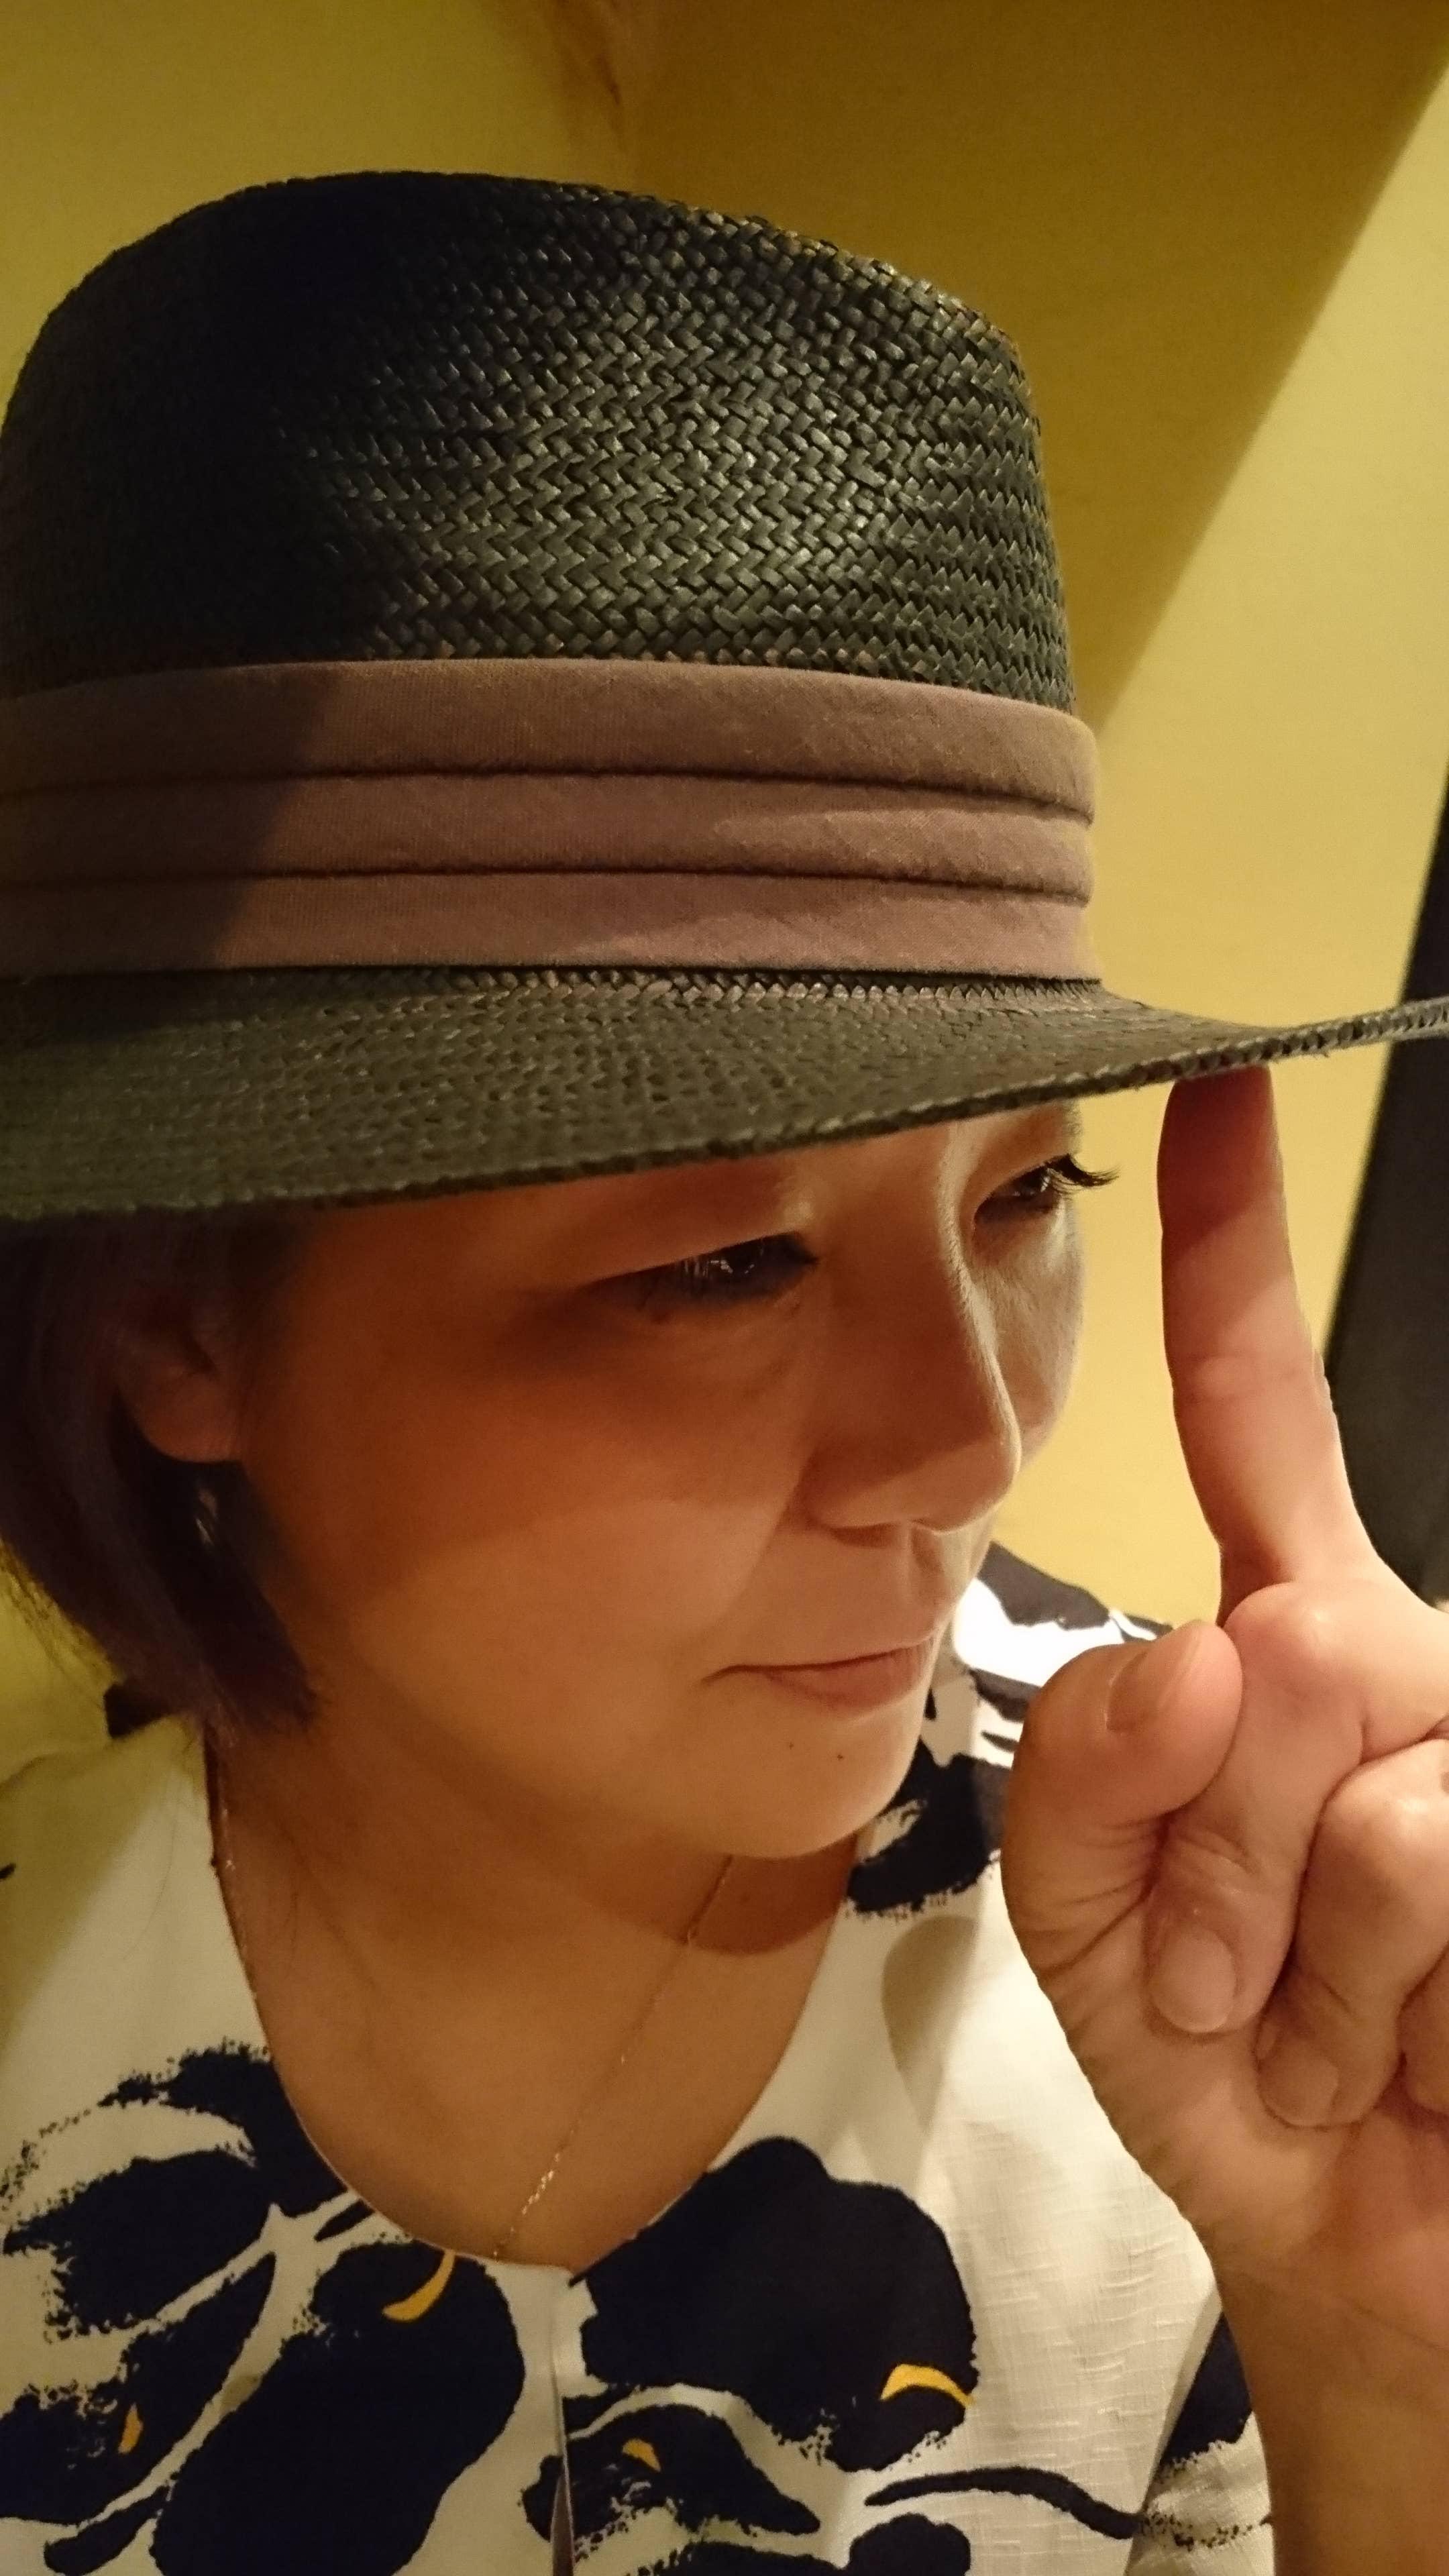 Tomoko Shimamura